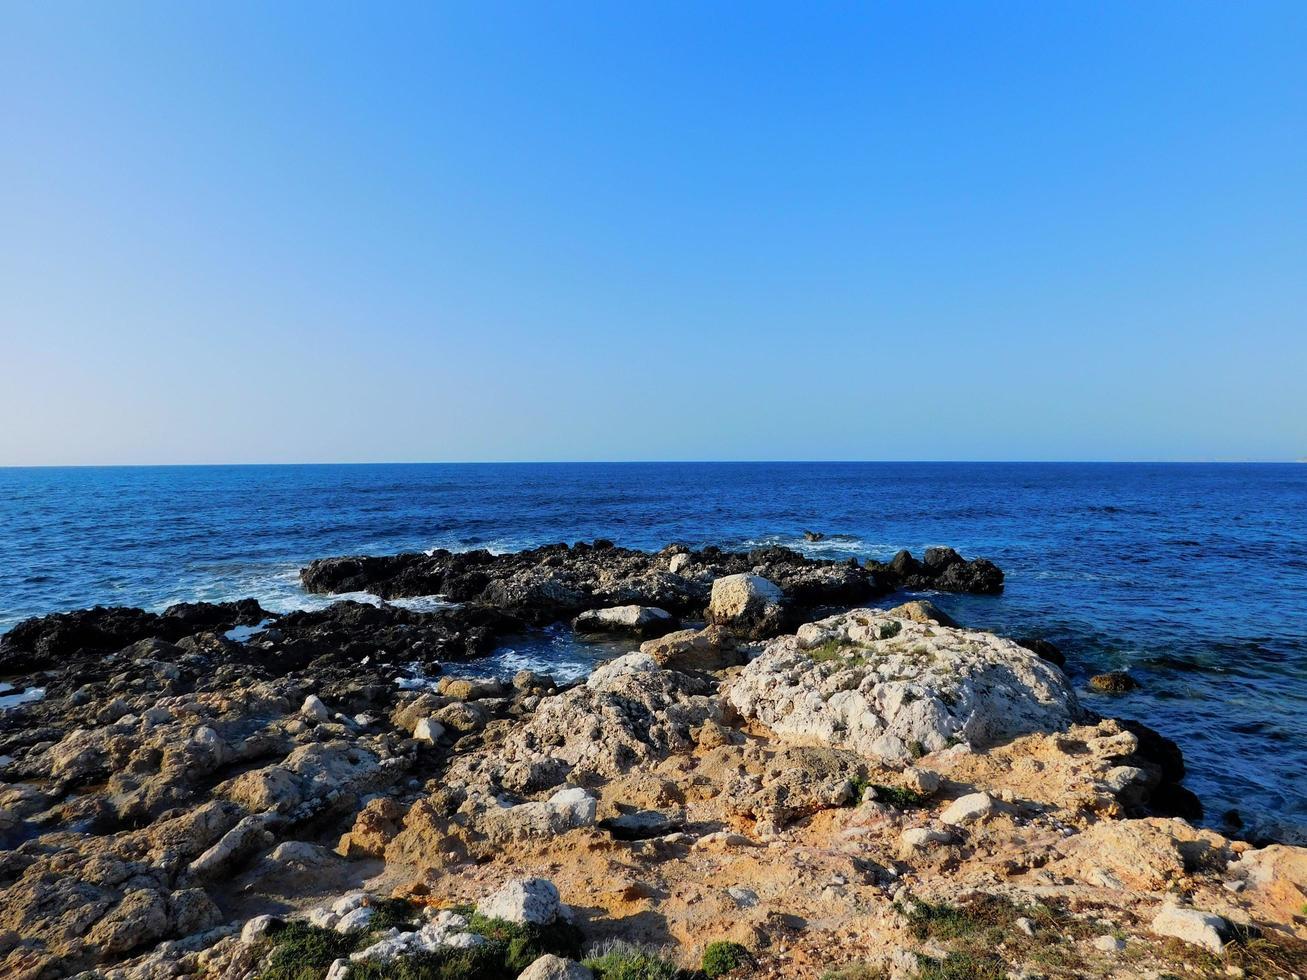 rotsachtige oceaan met blauw water foto